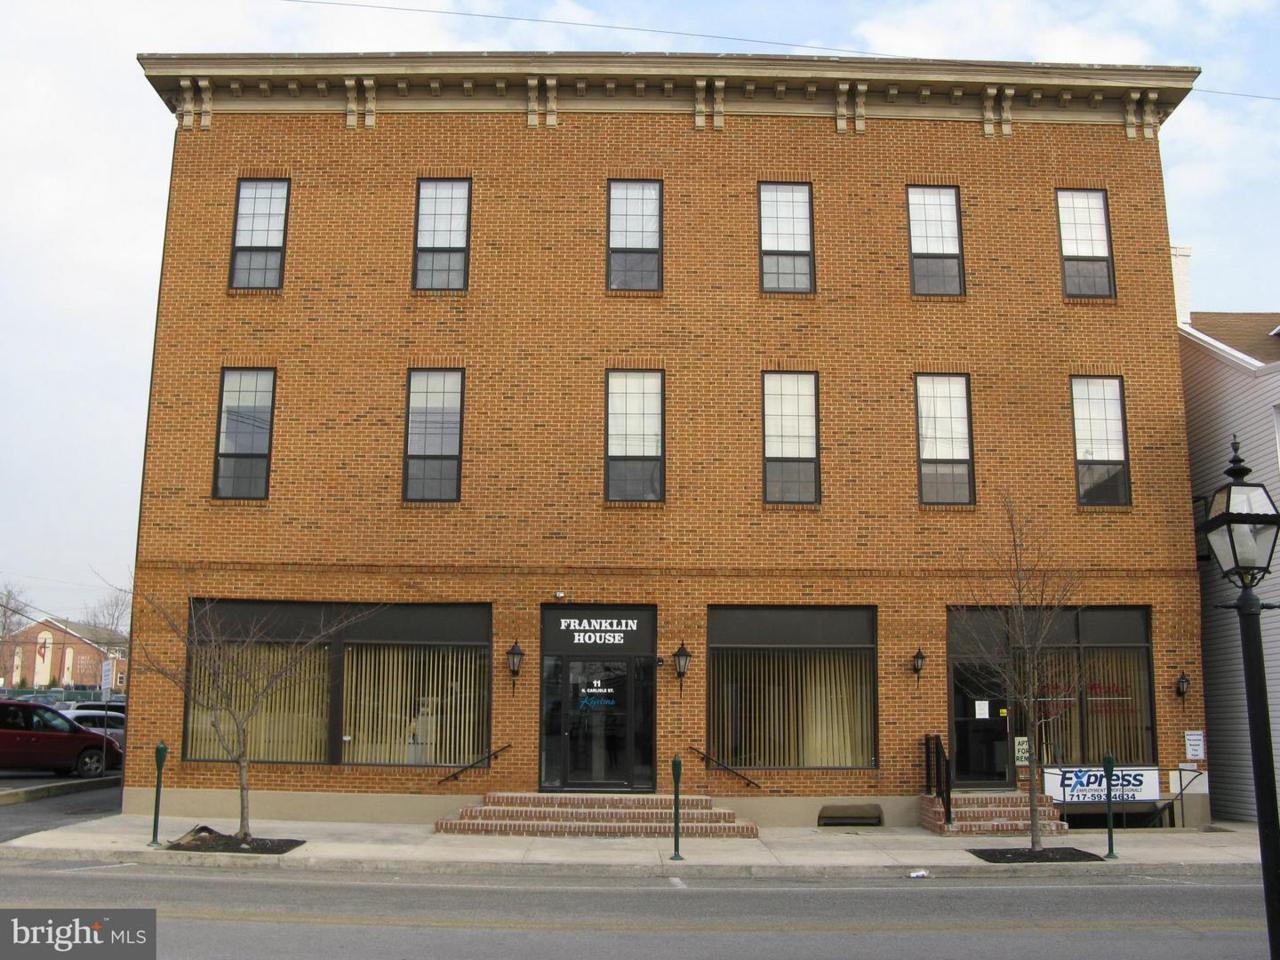 11 N. Carlisle Street, Unit B-1 - Photo 1